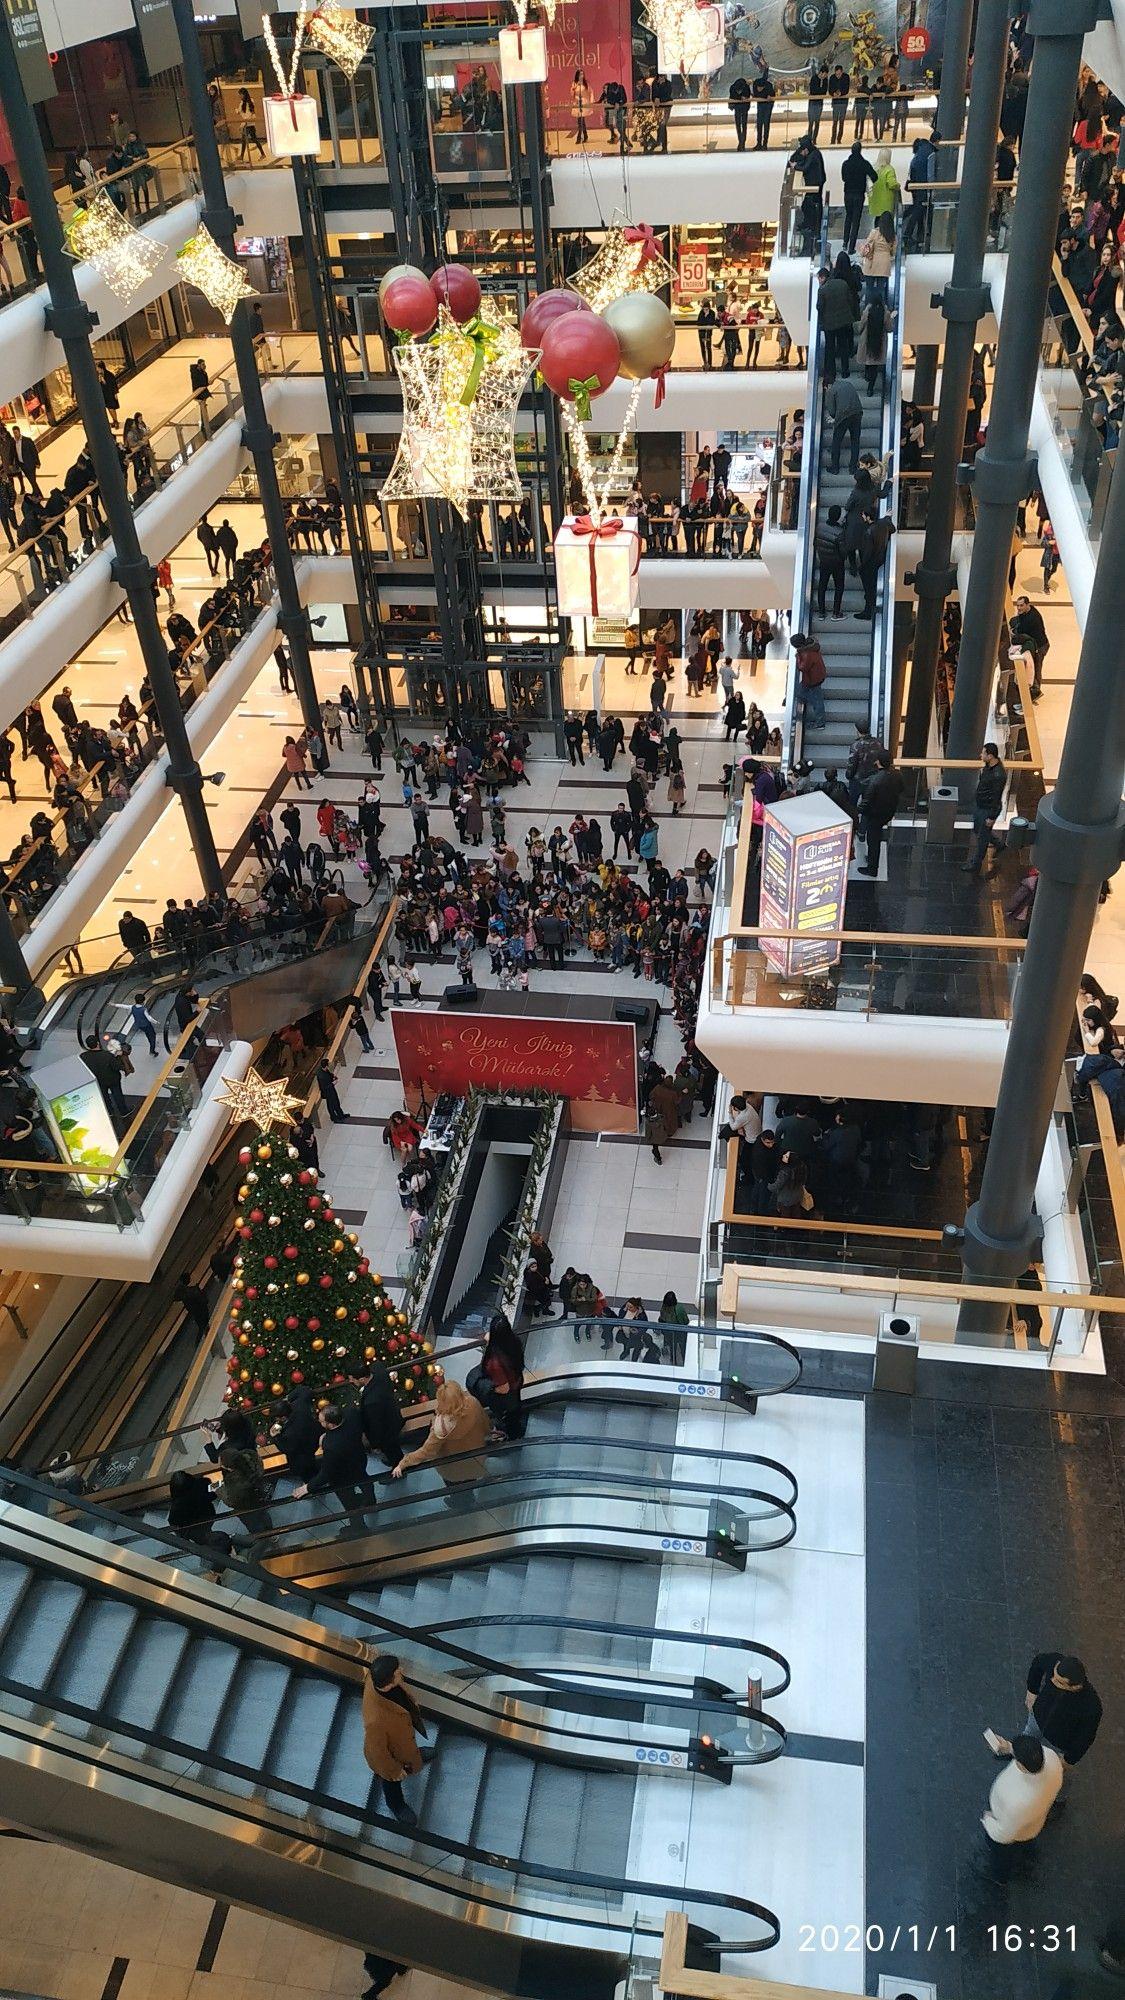 Gəncə Mall Landmarks Mall Times Square